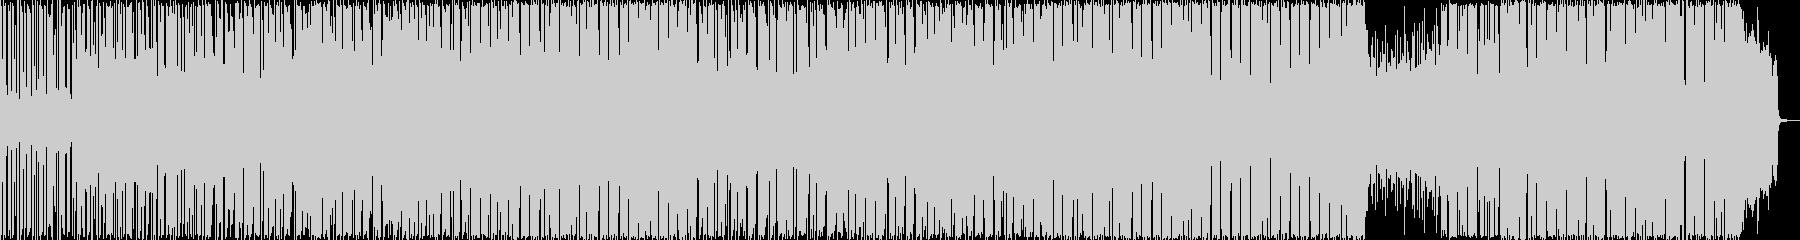 軽快な雰囲気のポップBGM2の未再生の波形